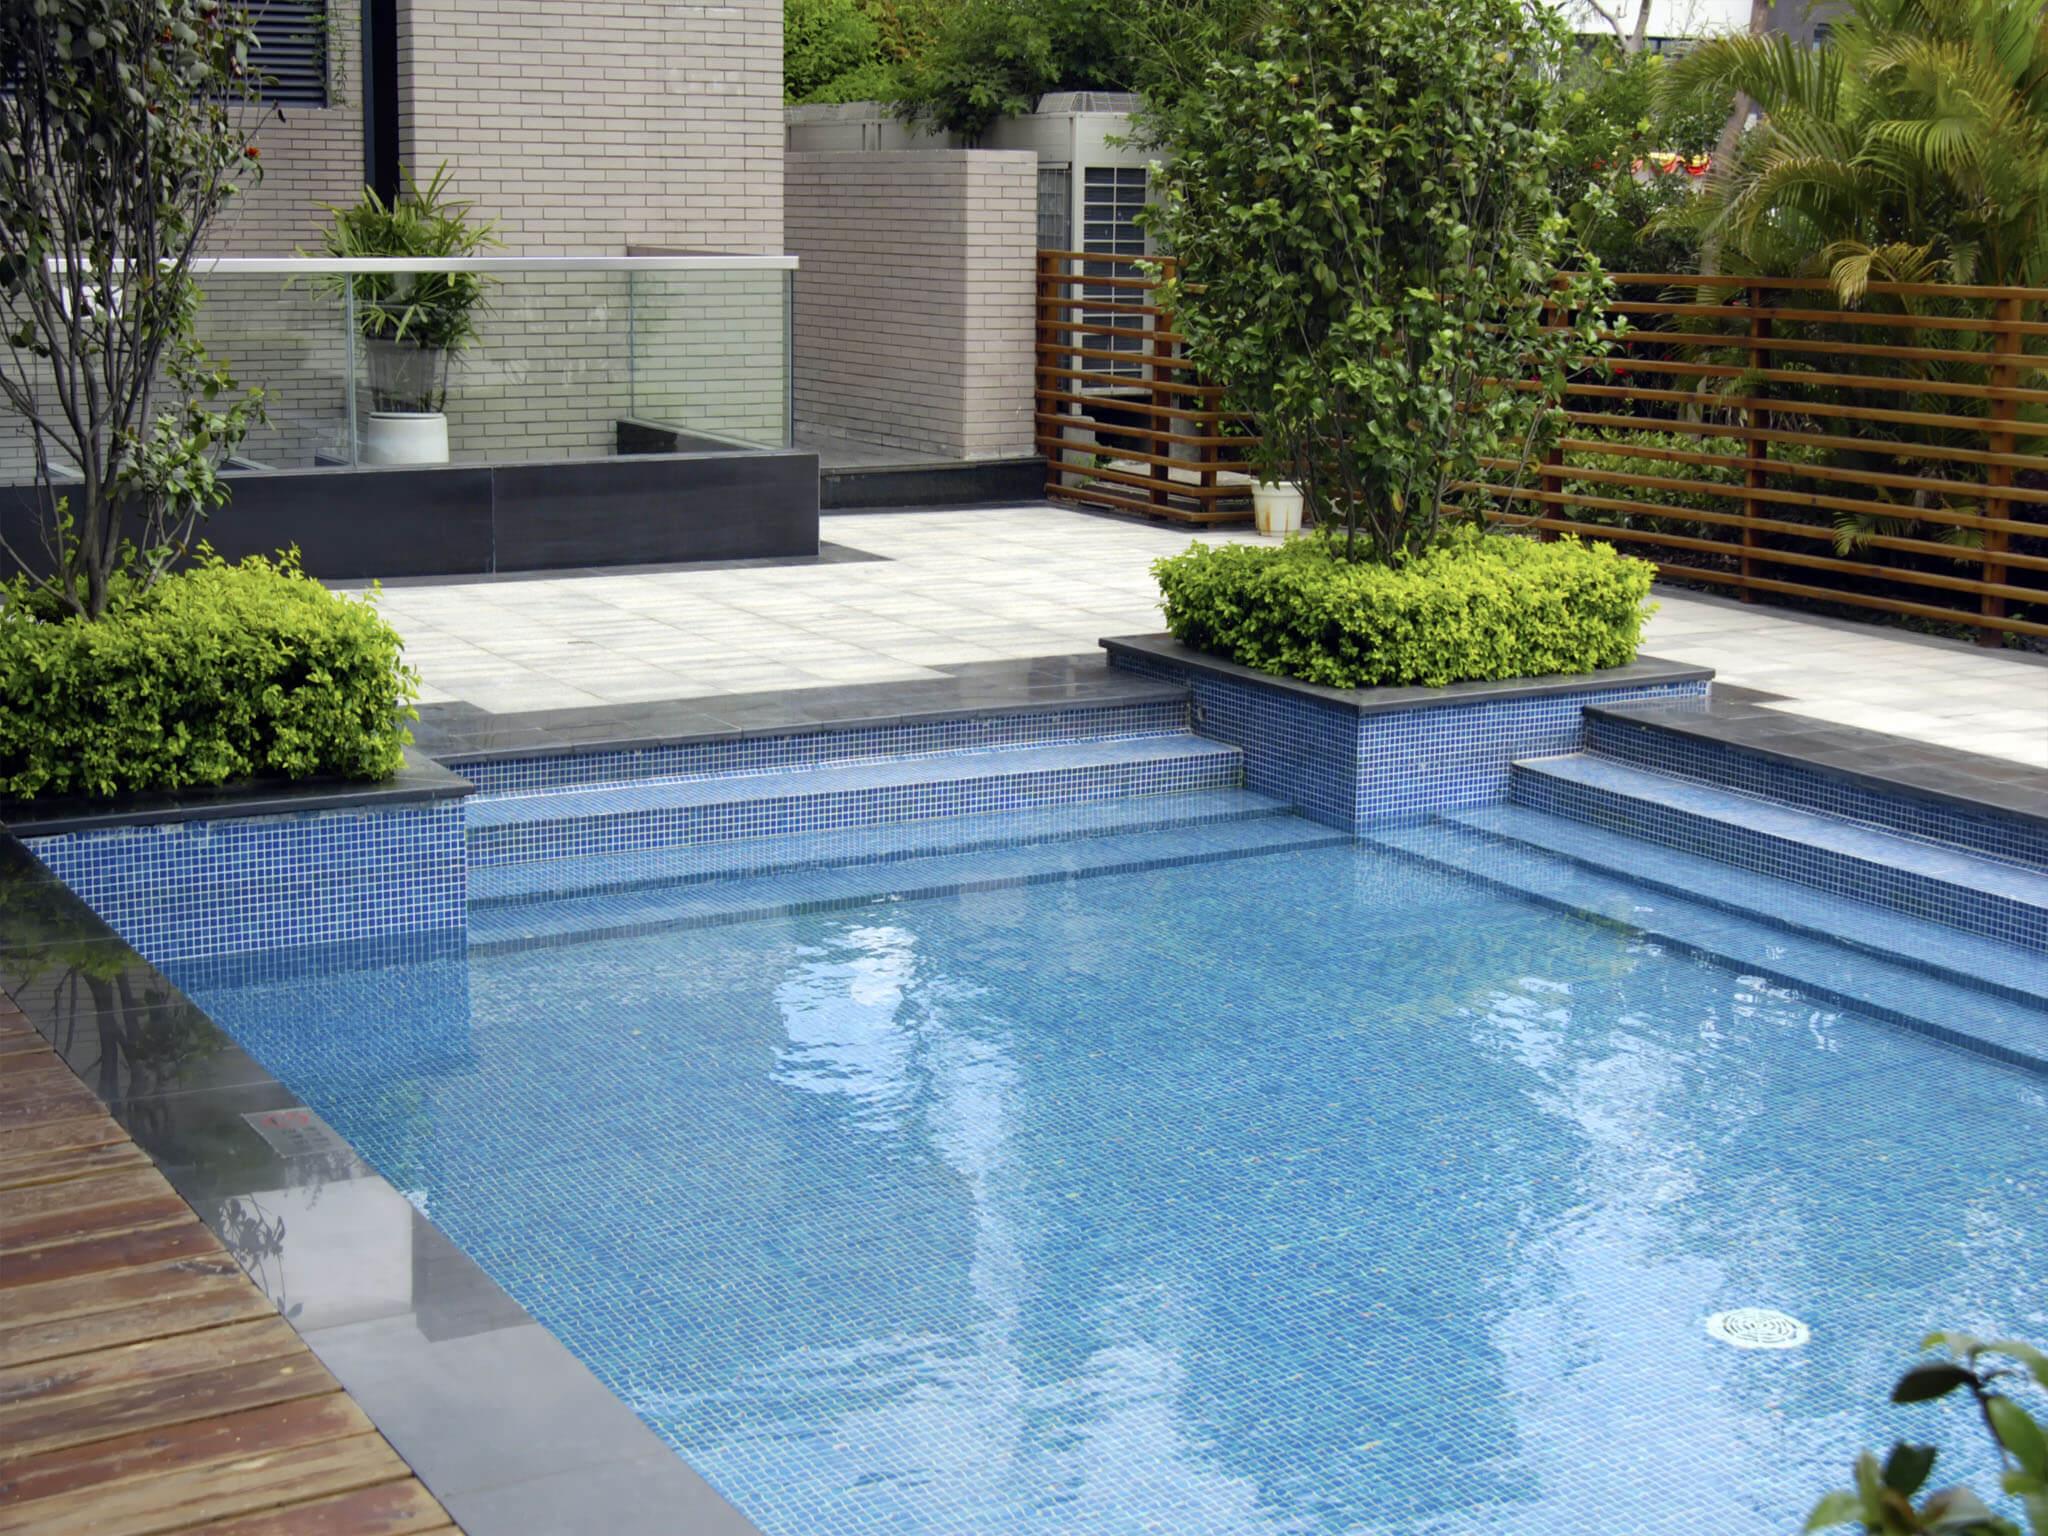 millennium custom pools